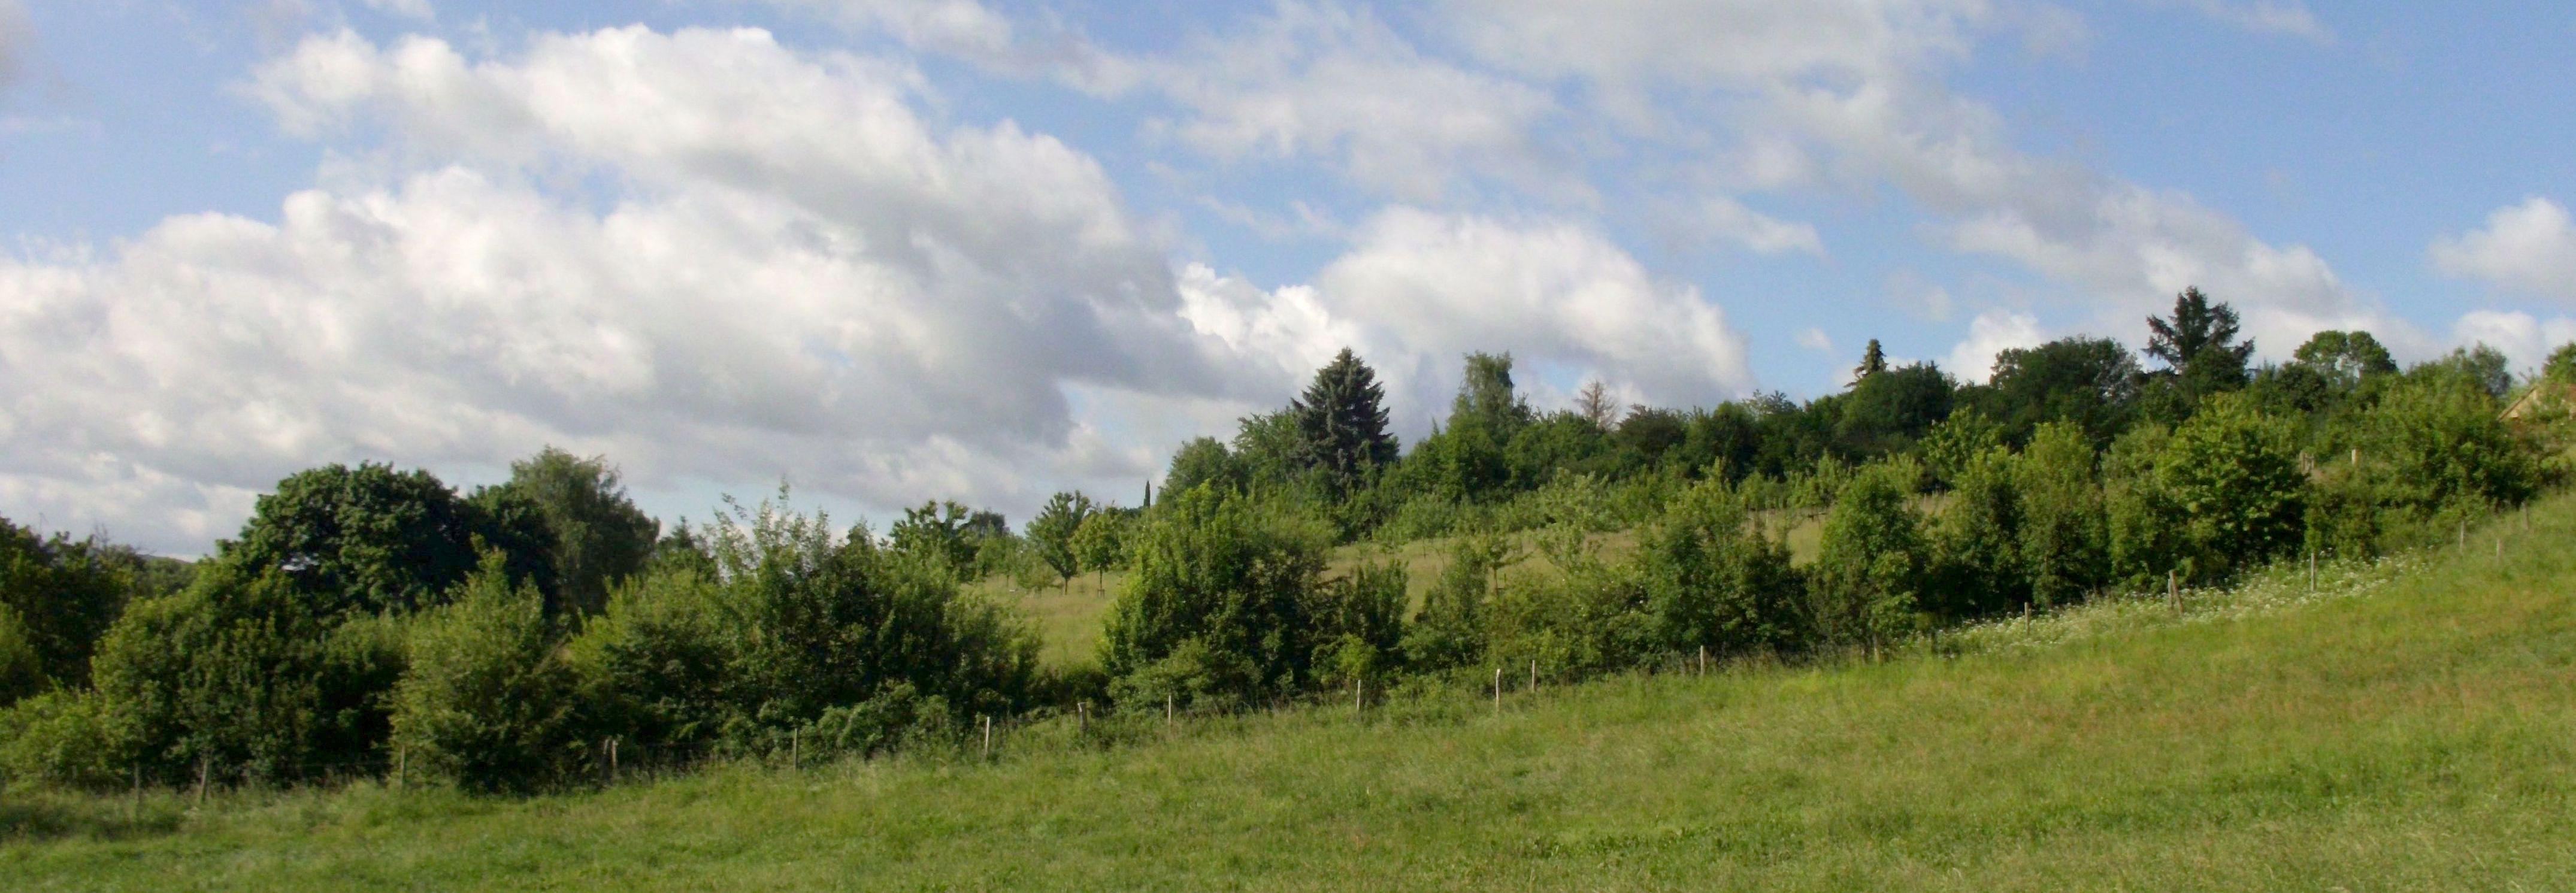 Blick auf die Heckenumrandung des Obstsortengartens der Oberlausitz 2017